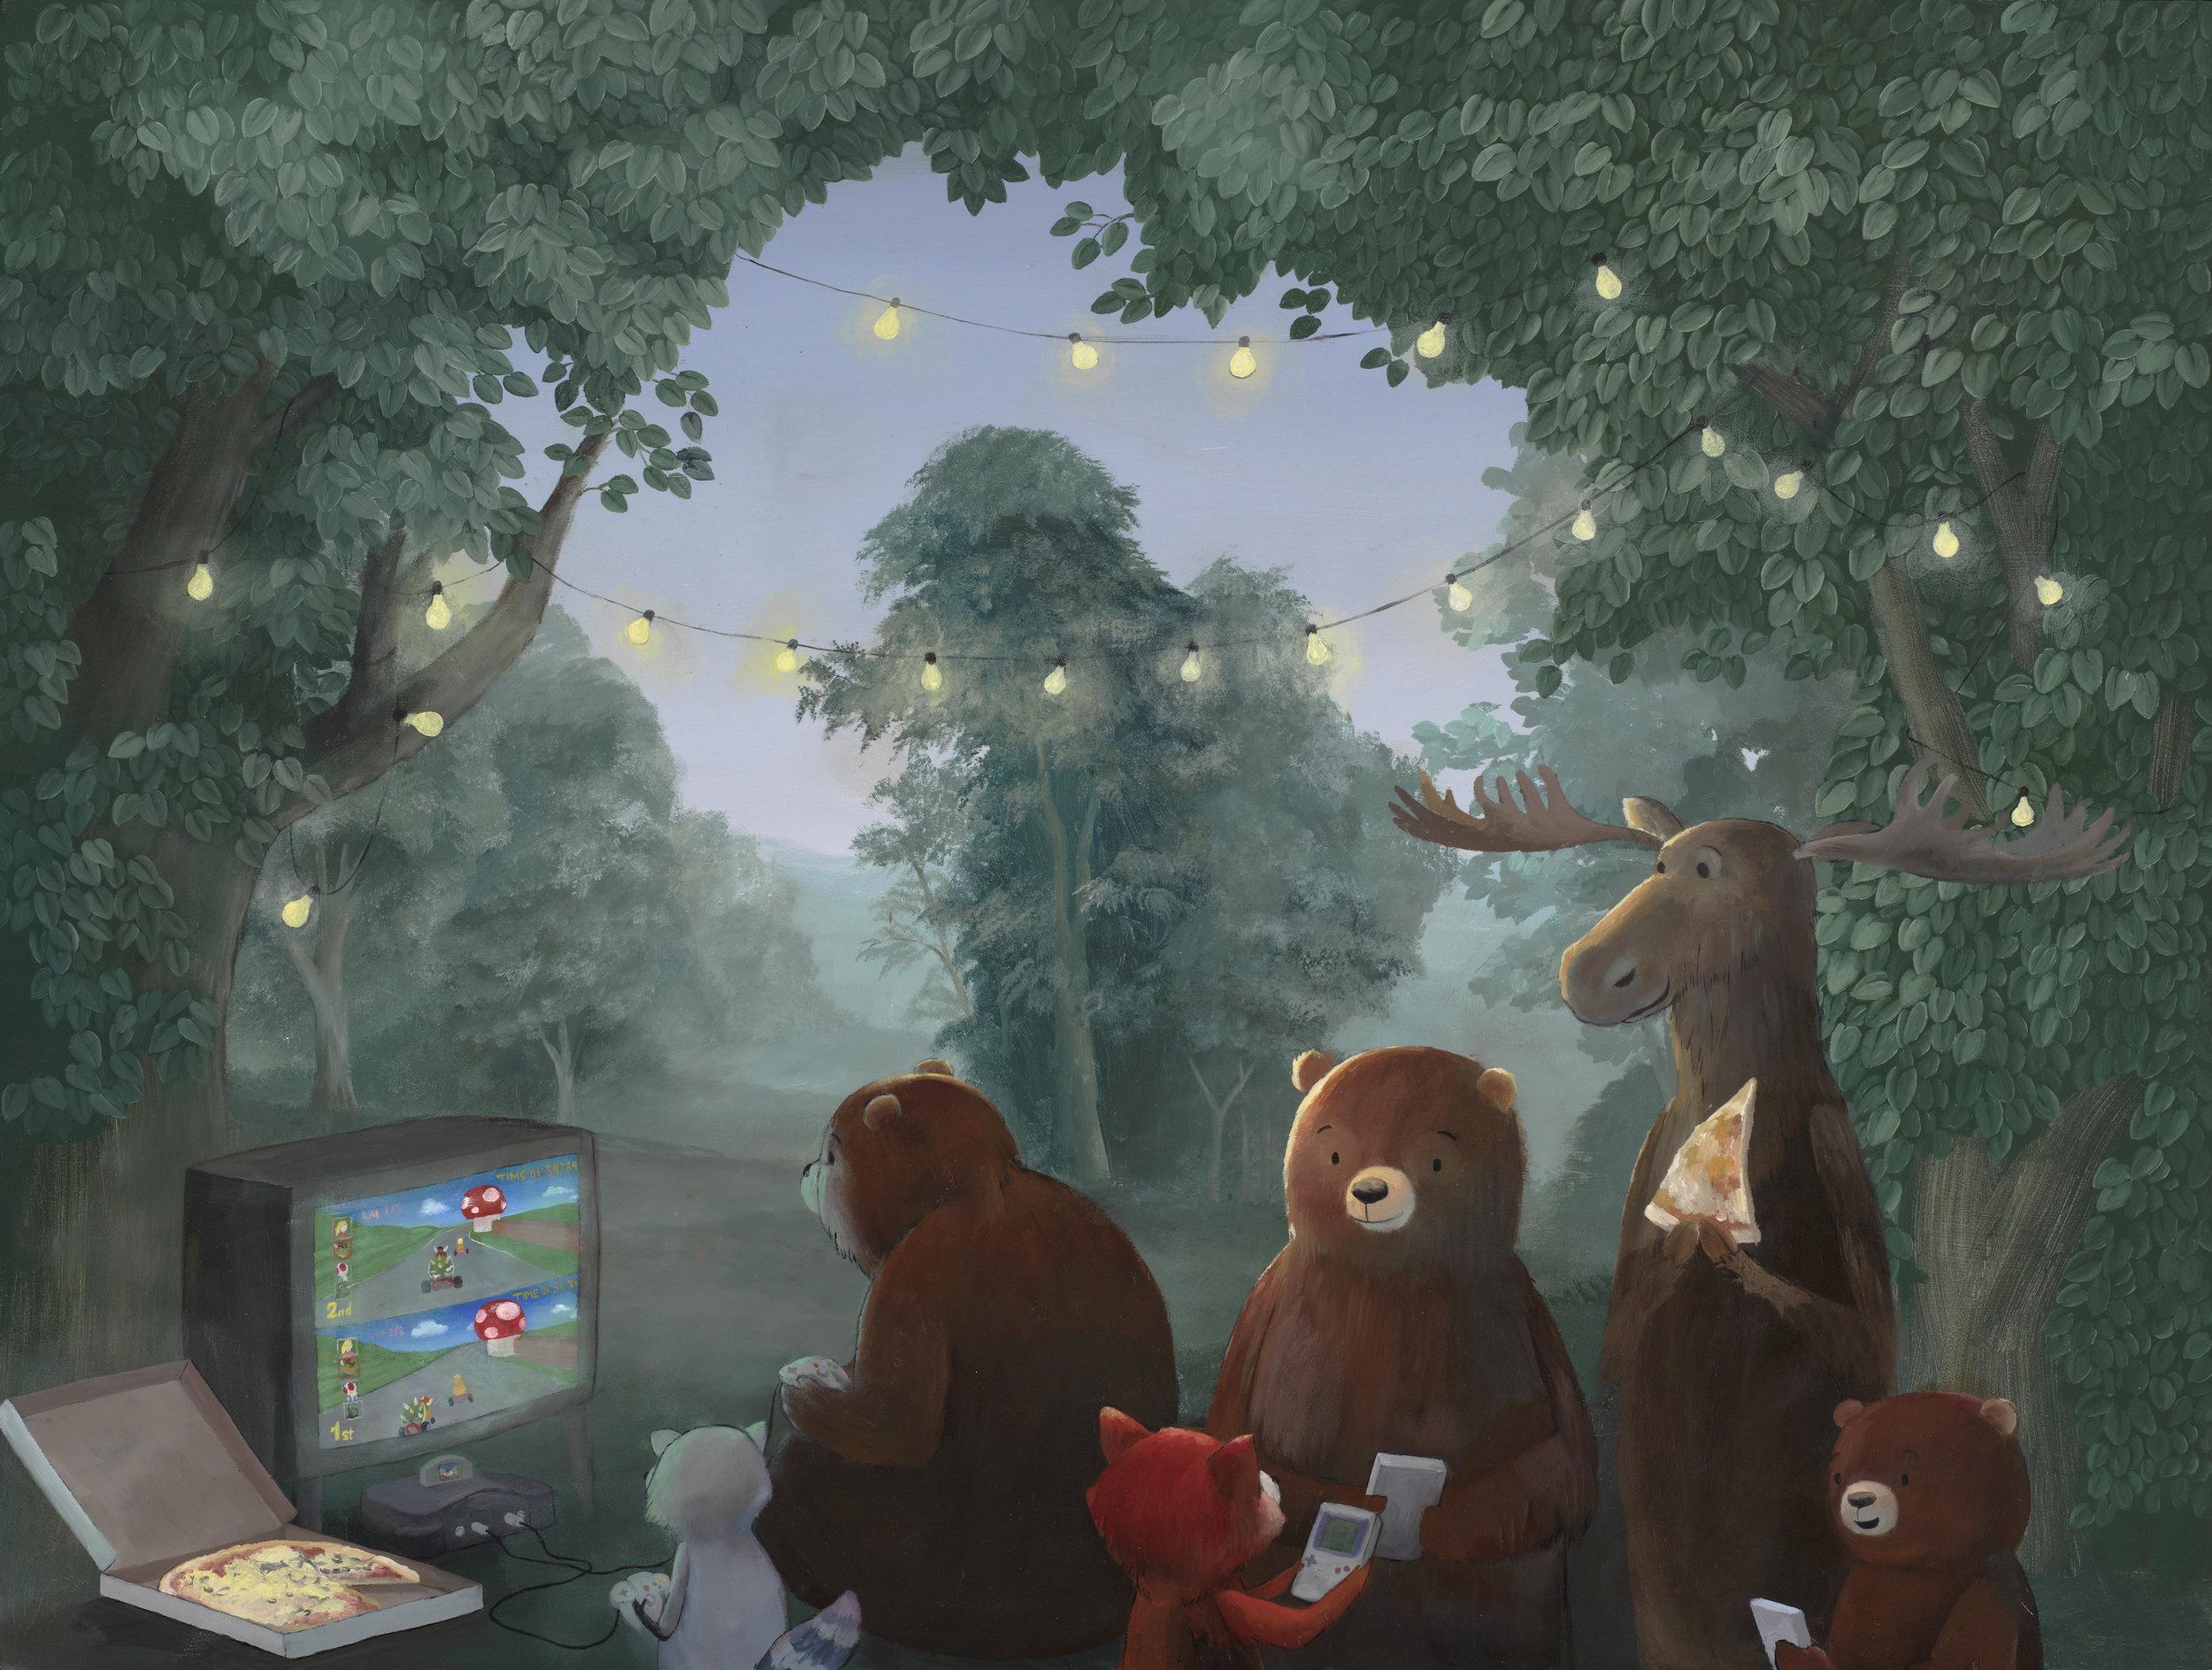 videogamejpg.jpg